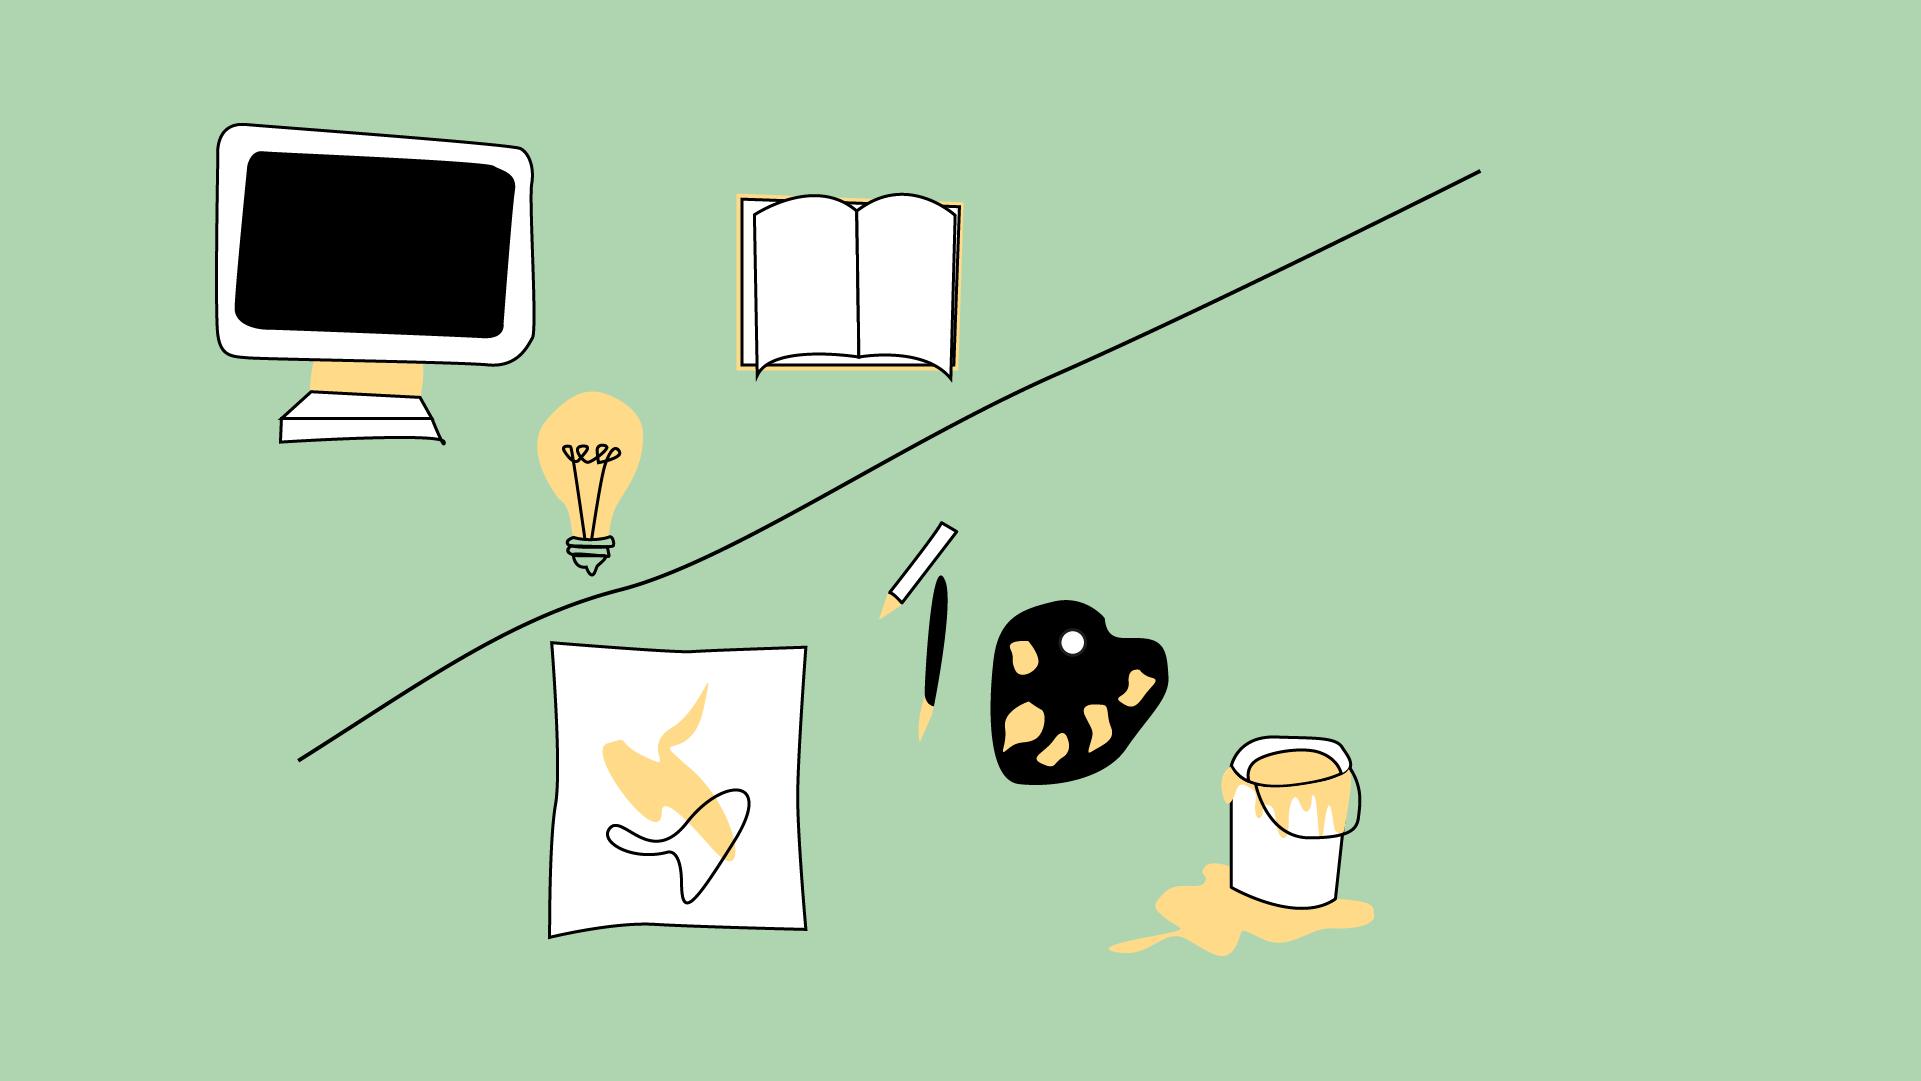 Abbildungen von Computer, Glühbirne, Buch, Zeichenblatt, Farbtopf unf Malplatte.